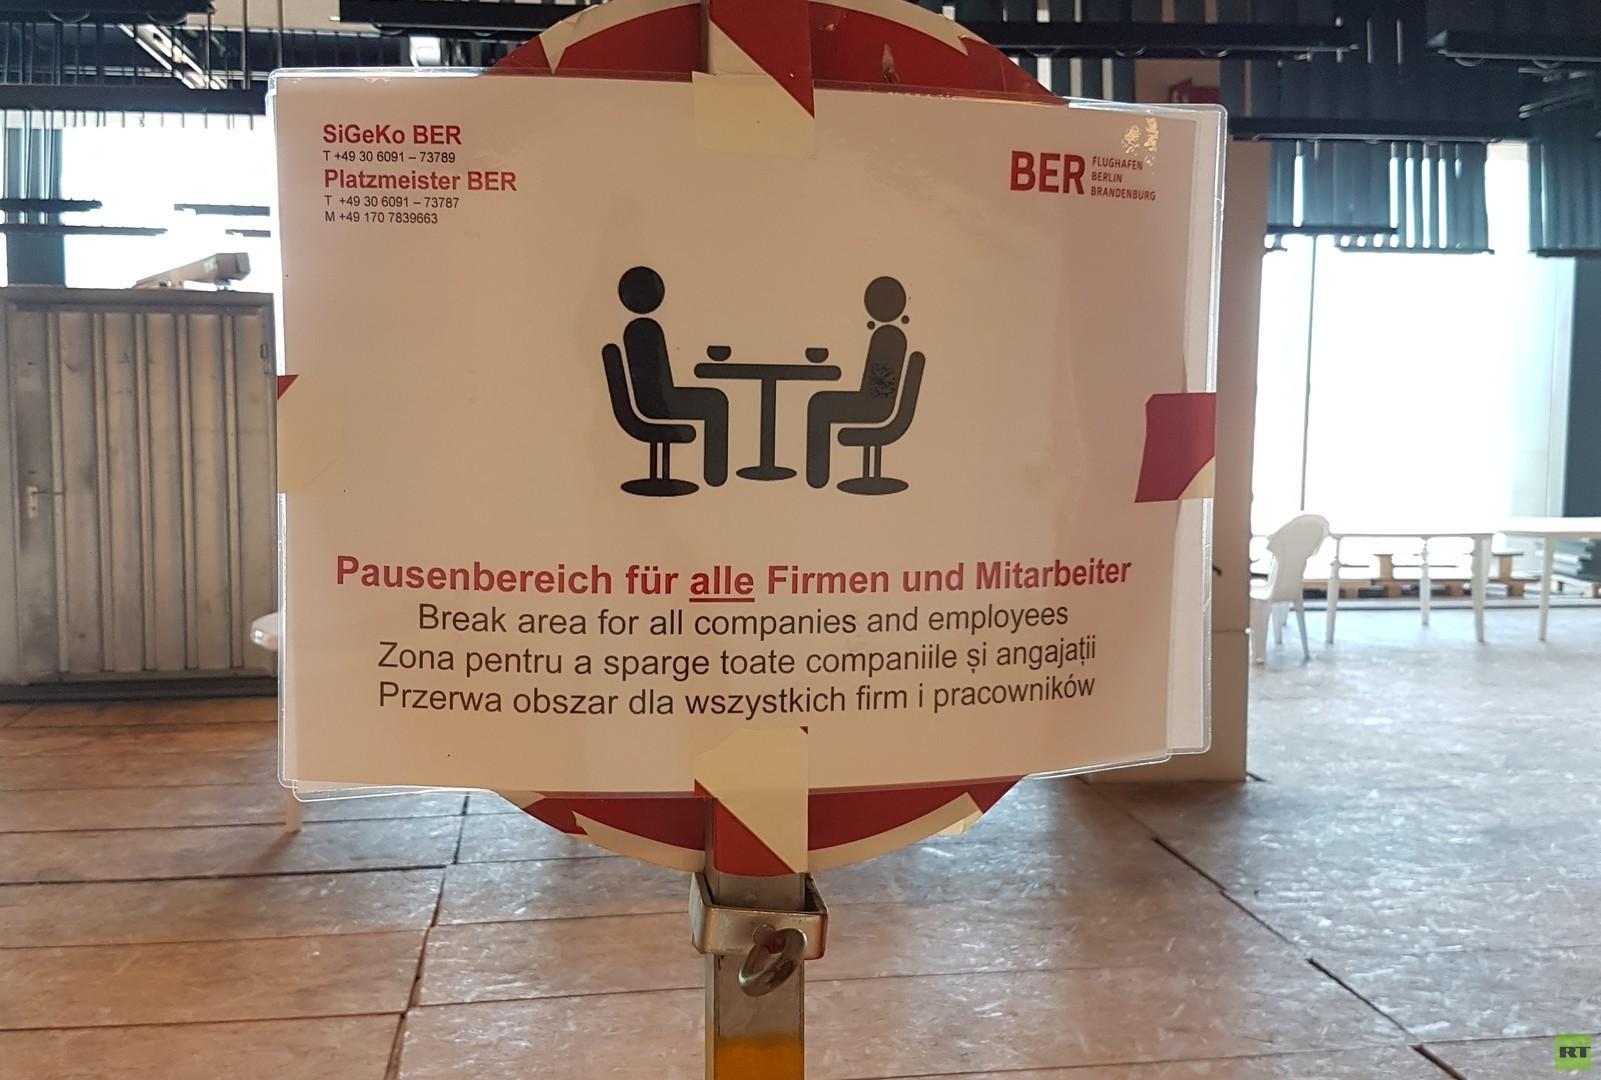 Exklusiv: Fotos von der BER-Baustelle – Wird der Flughafen jemals eröffnet?